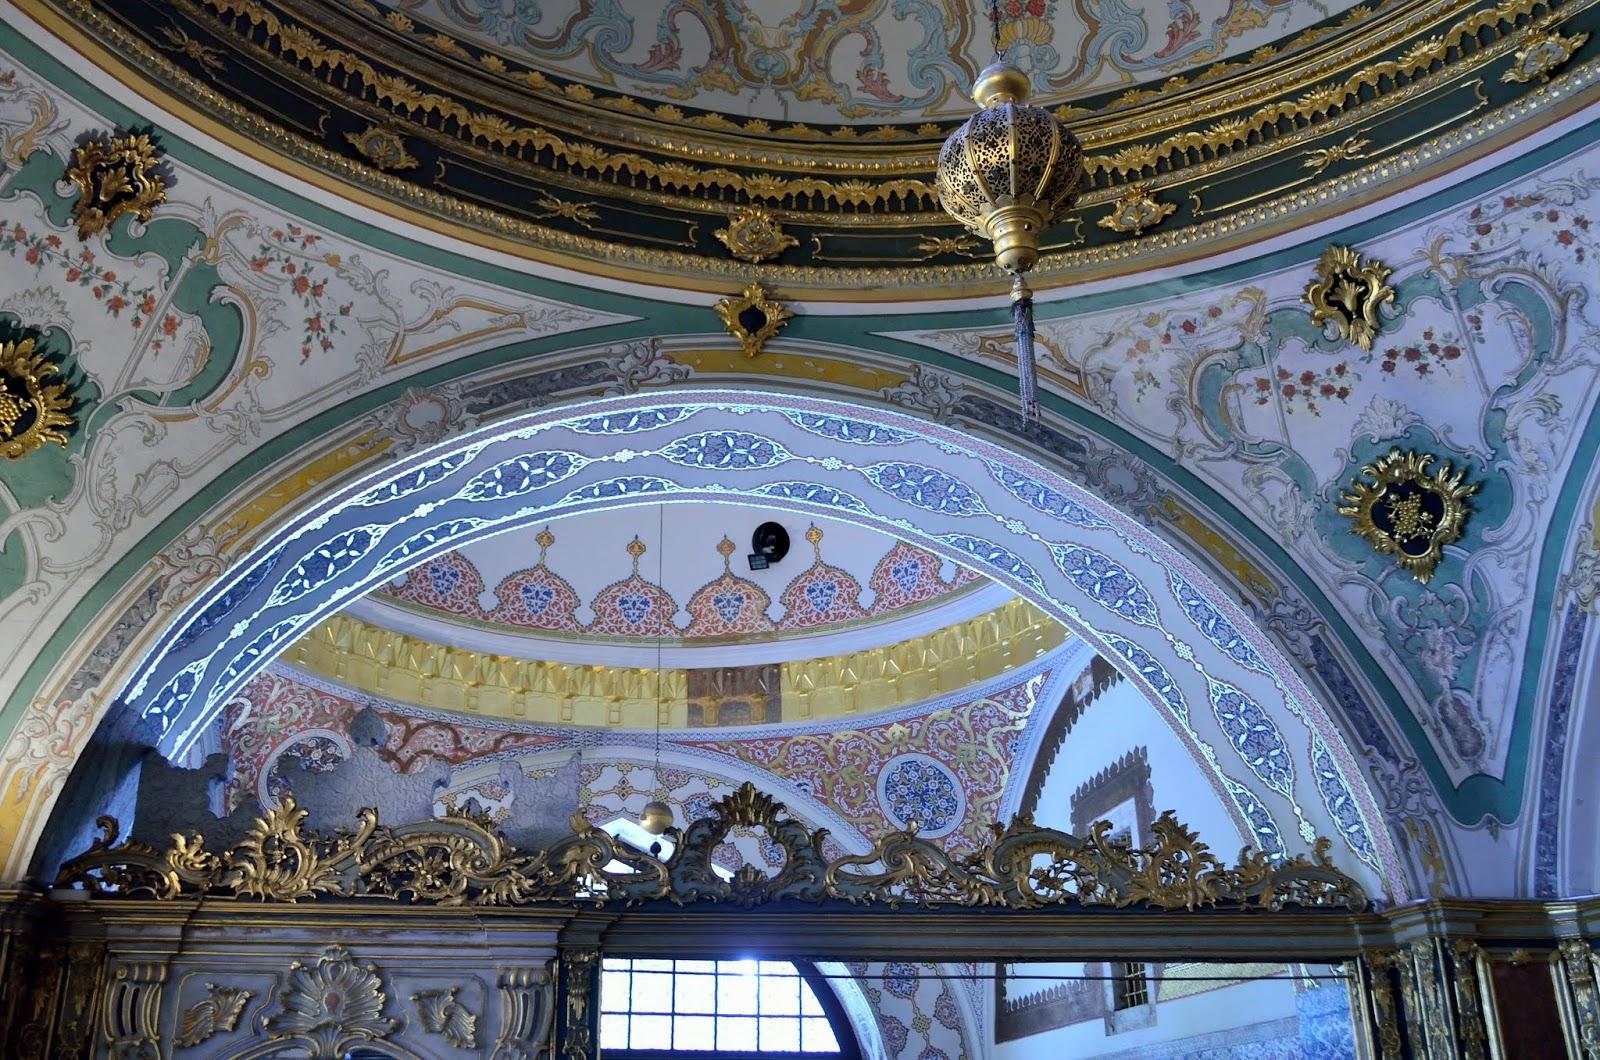 Viaggio a istanbul tredicesimo giorno istanbul giorno iv parte 3 - Il divano di istanbul ...